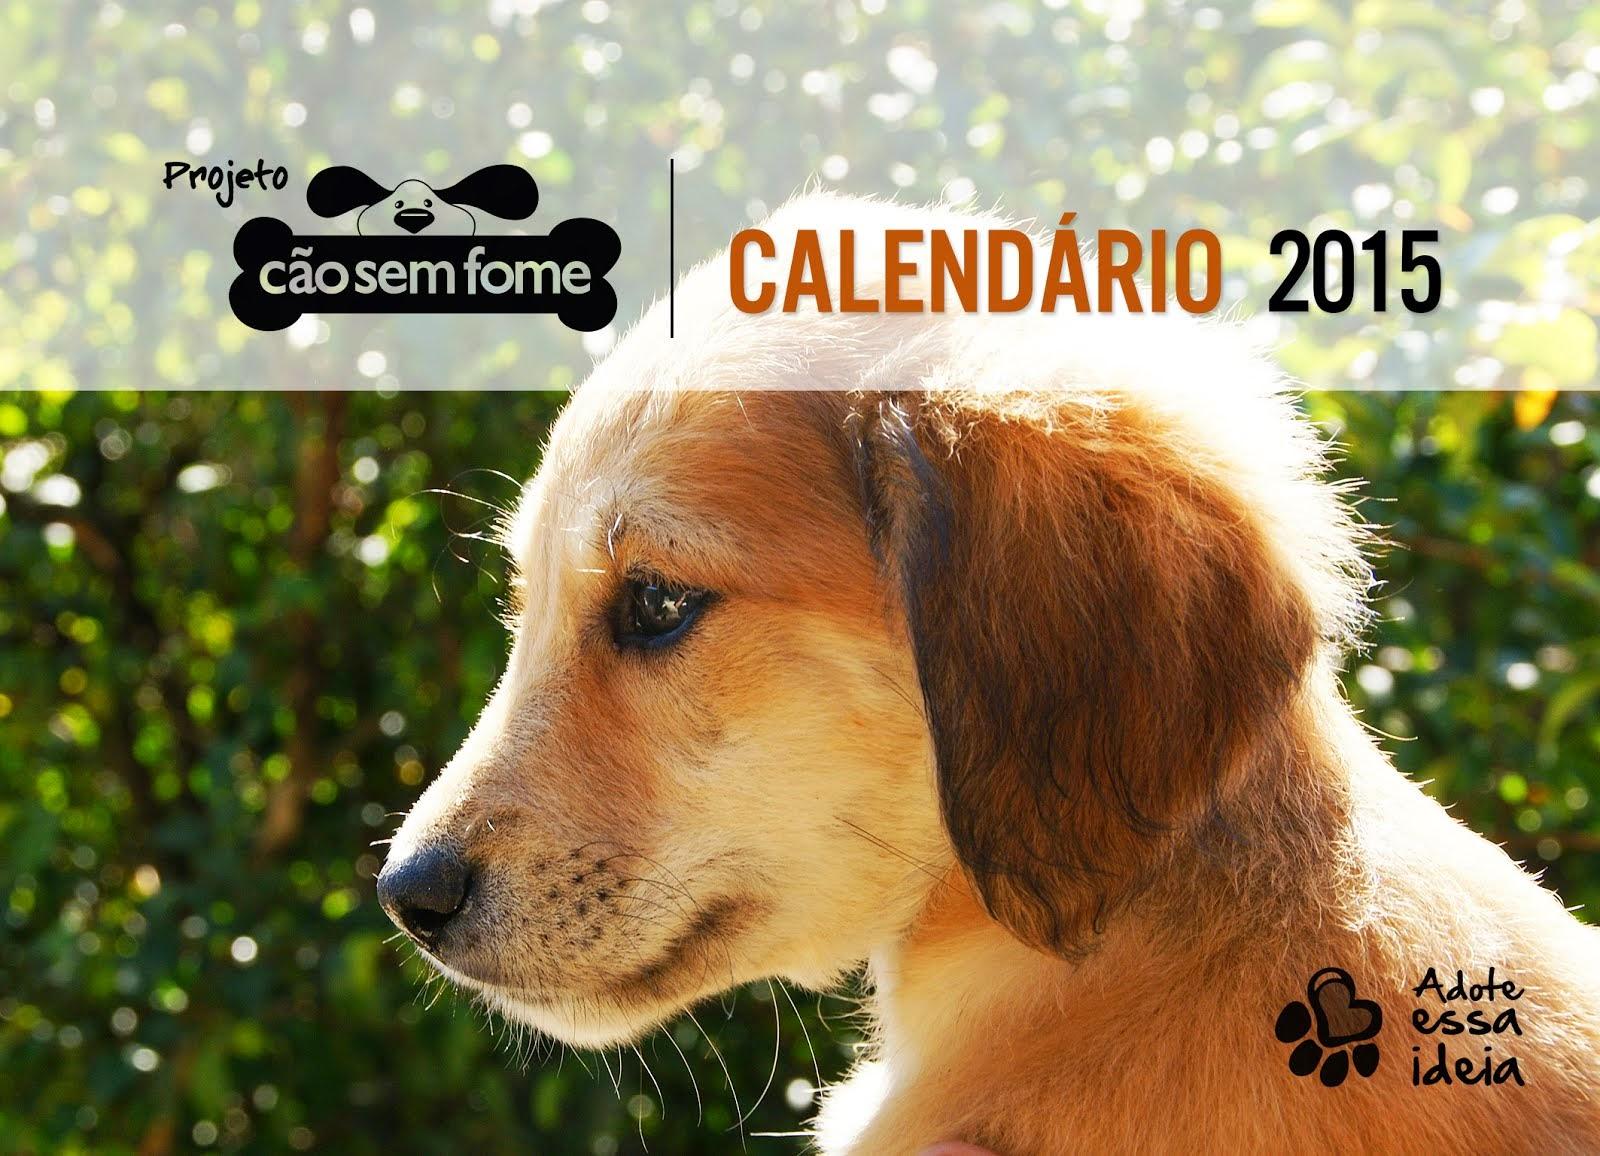 Compre seu Calendário Cão sem Fome 2015